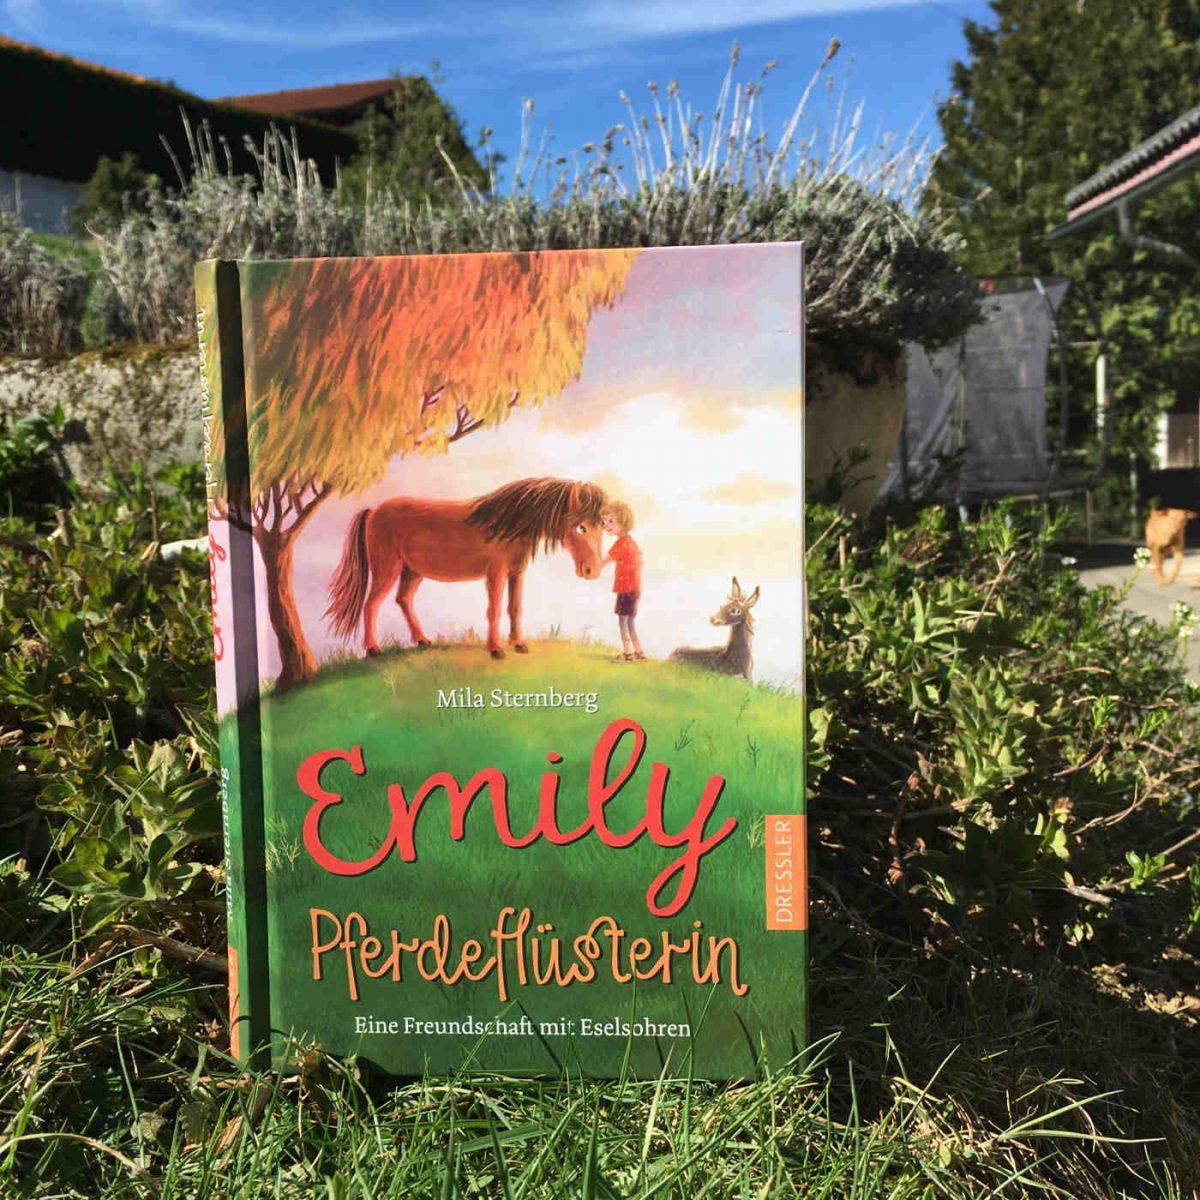 Mila Sternberg und Verena Körting: Emily Pferdeflüsterin: Eine Freundschaft mit Eselsohren